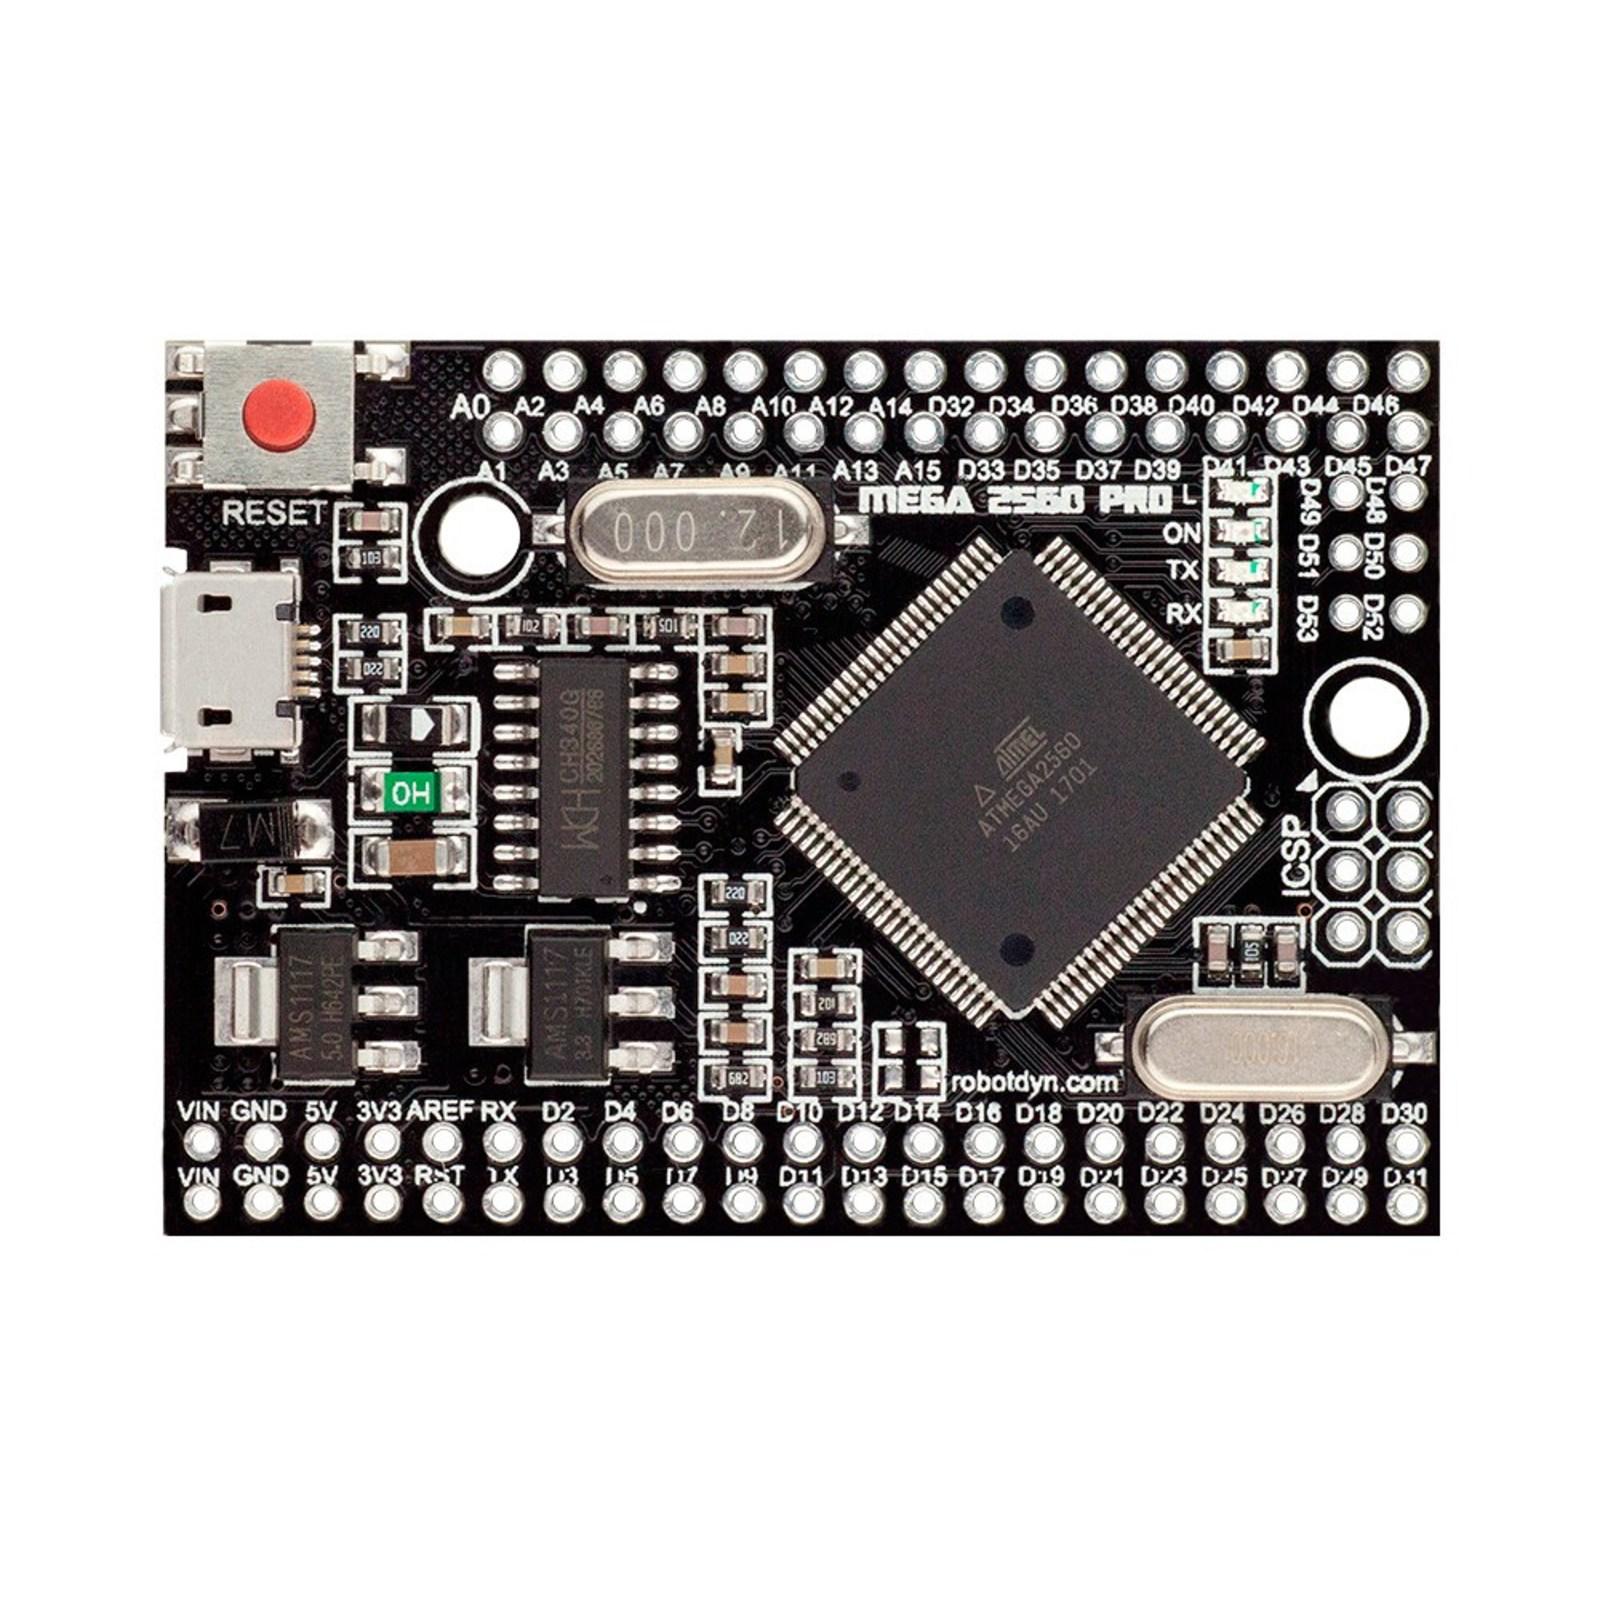 MEGA 2560 PRO EMBED CH340G